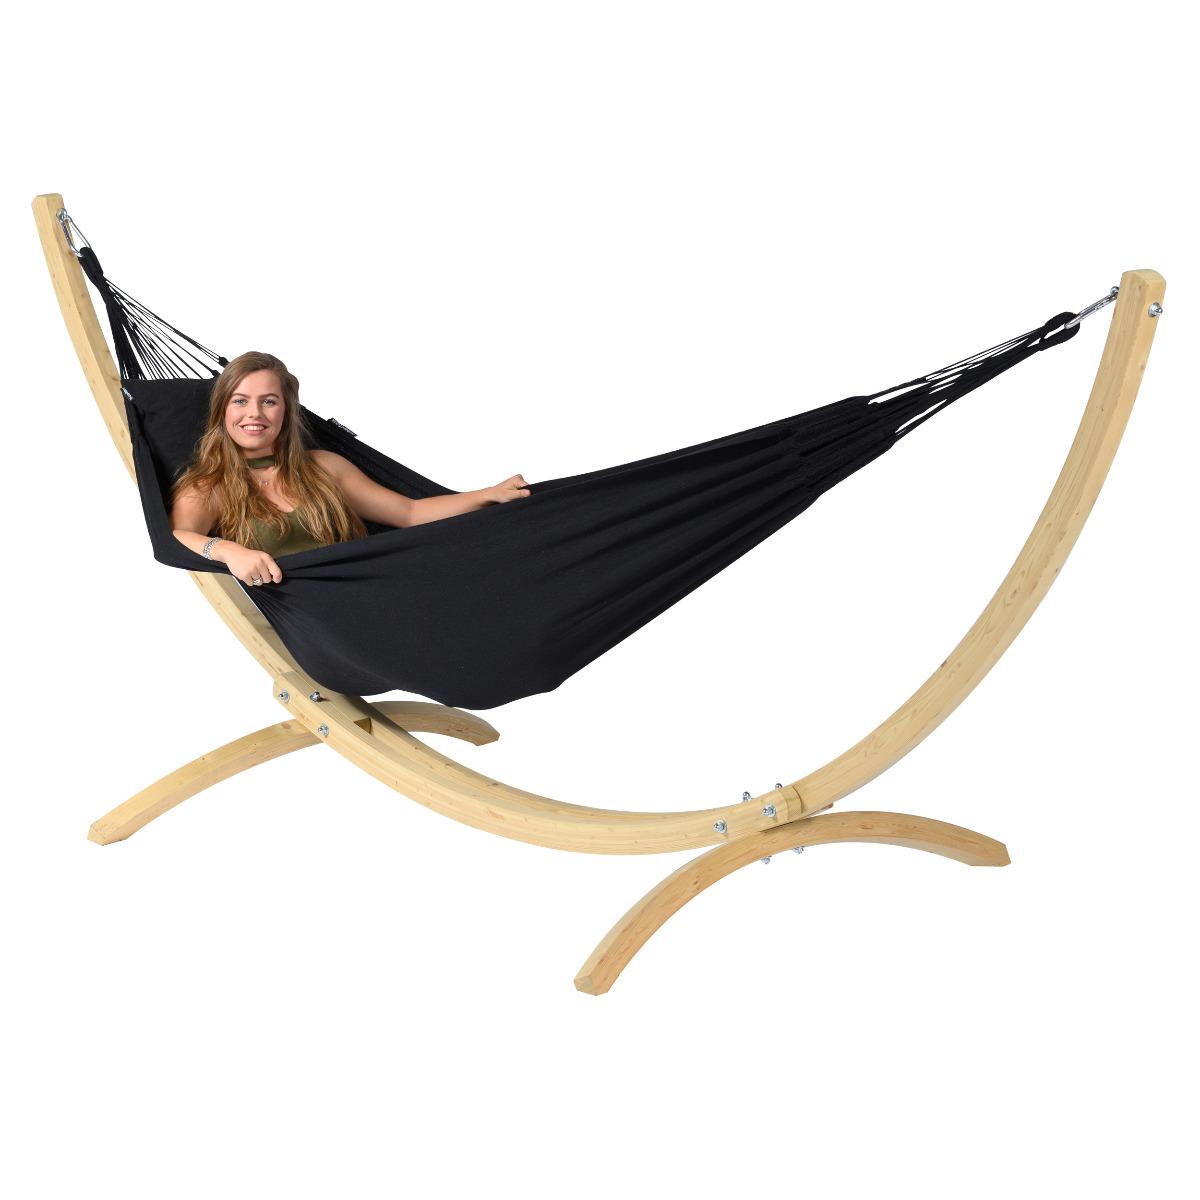 Hangmat met Standaard E�npersoons 'Wood & Classic' Black - Zwart - Tropilex �